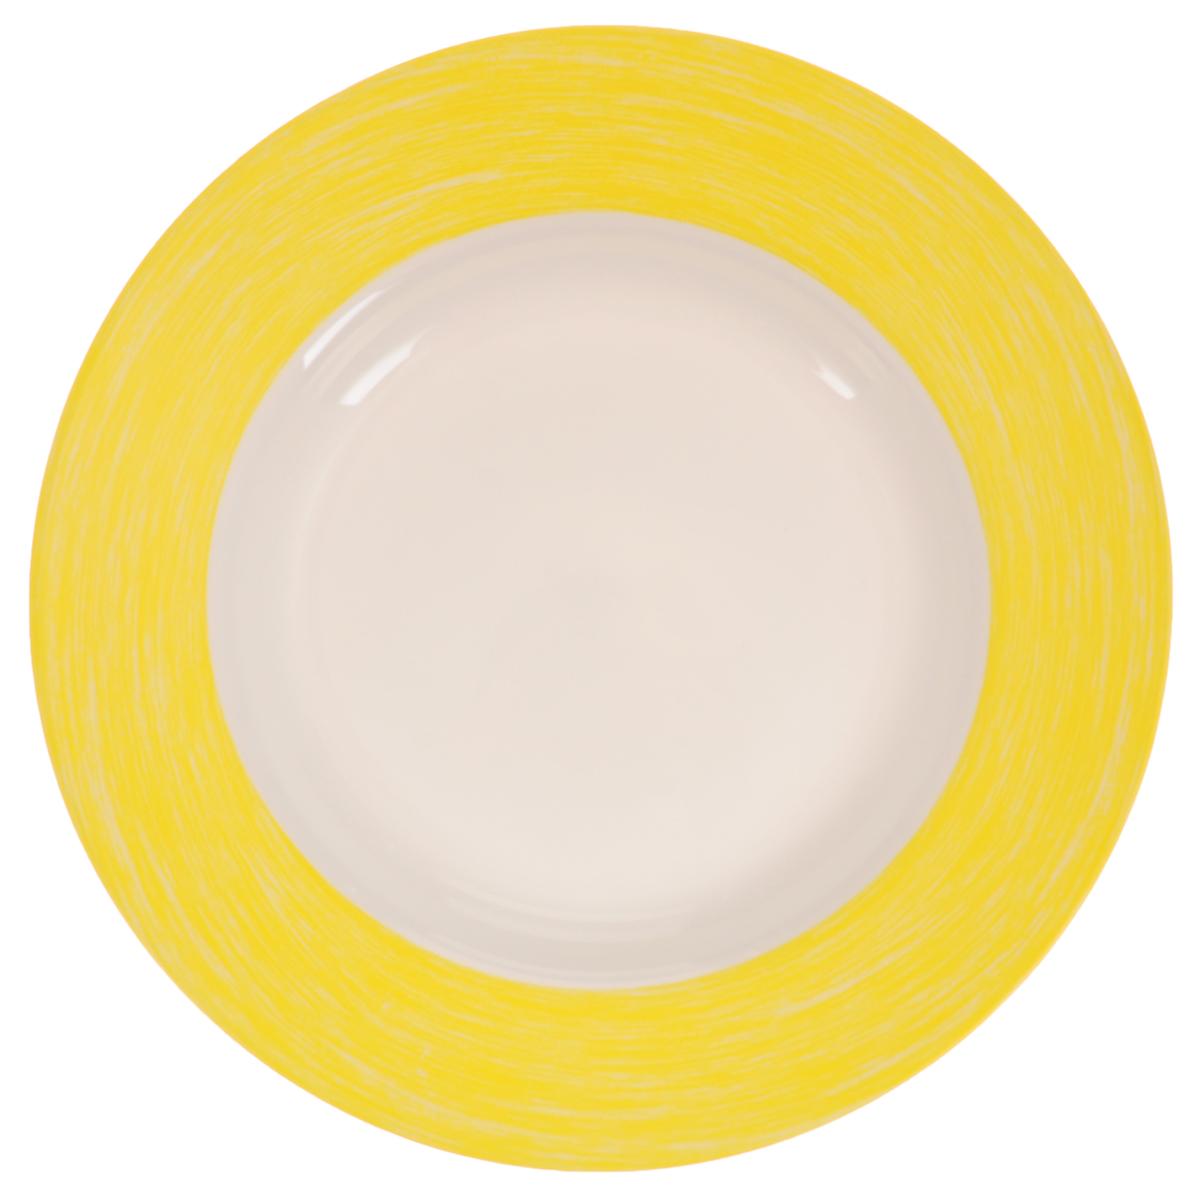 Тарелка глубокая Luminarc Color Days Yellow, диаметр 22 смL1520Глубокая тарелка Luminarc Color Days Yellow, изготовленная из ударопрочного стекла, прекрасно подойдет для подачи различных блюд.Изделие украсит ваш праздничный или обеденный стол, а оригинальное исполнение понравится любой хозяйке. Диаметр тарелки (по верхнему краю): 22 см.